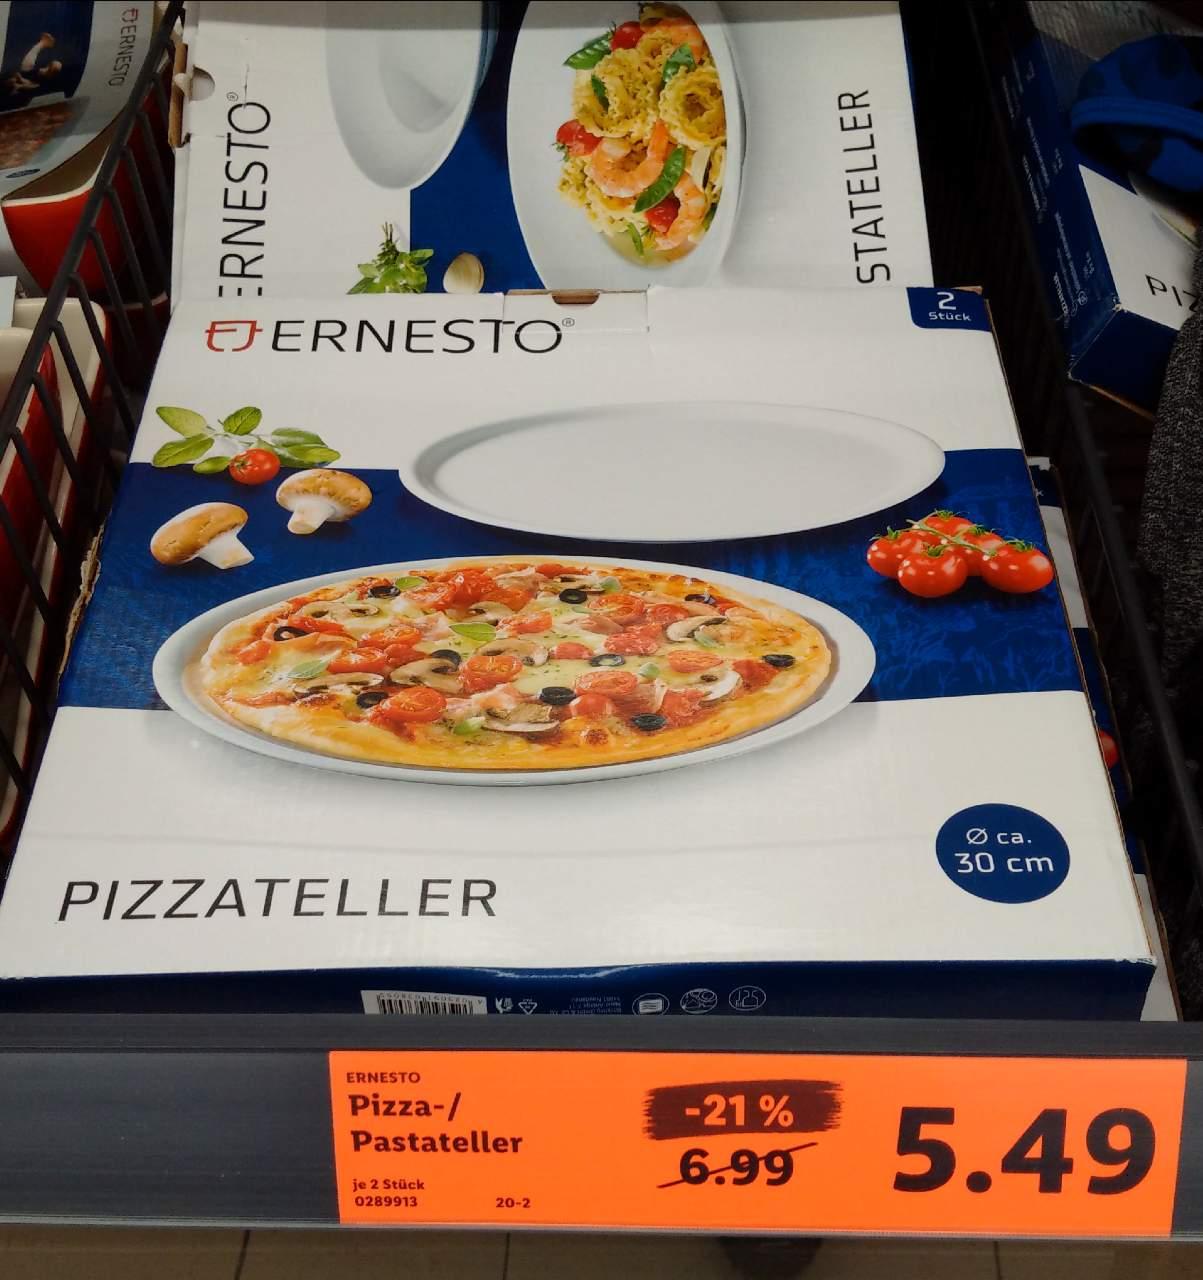 ERNESTO Pizzateller 30 cm 2 Stück